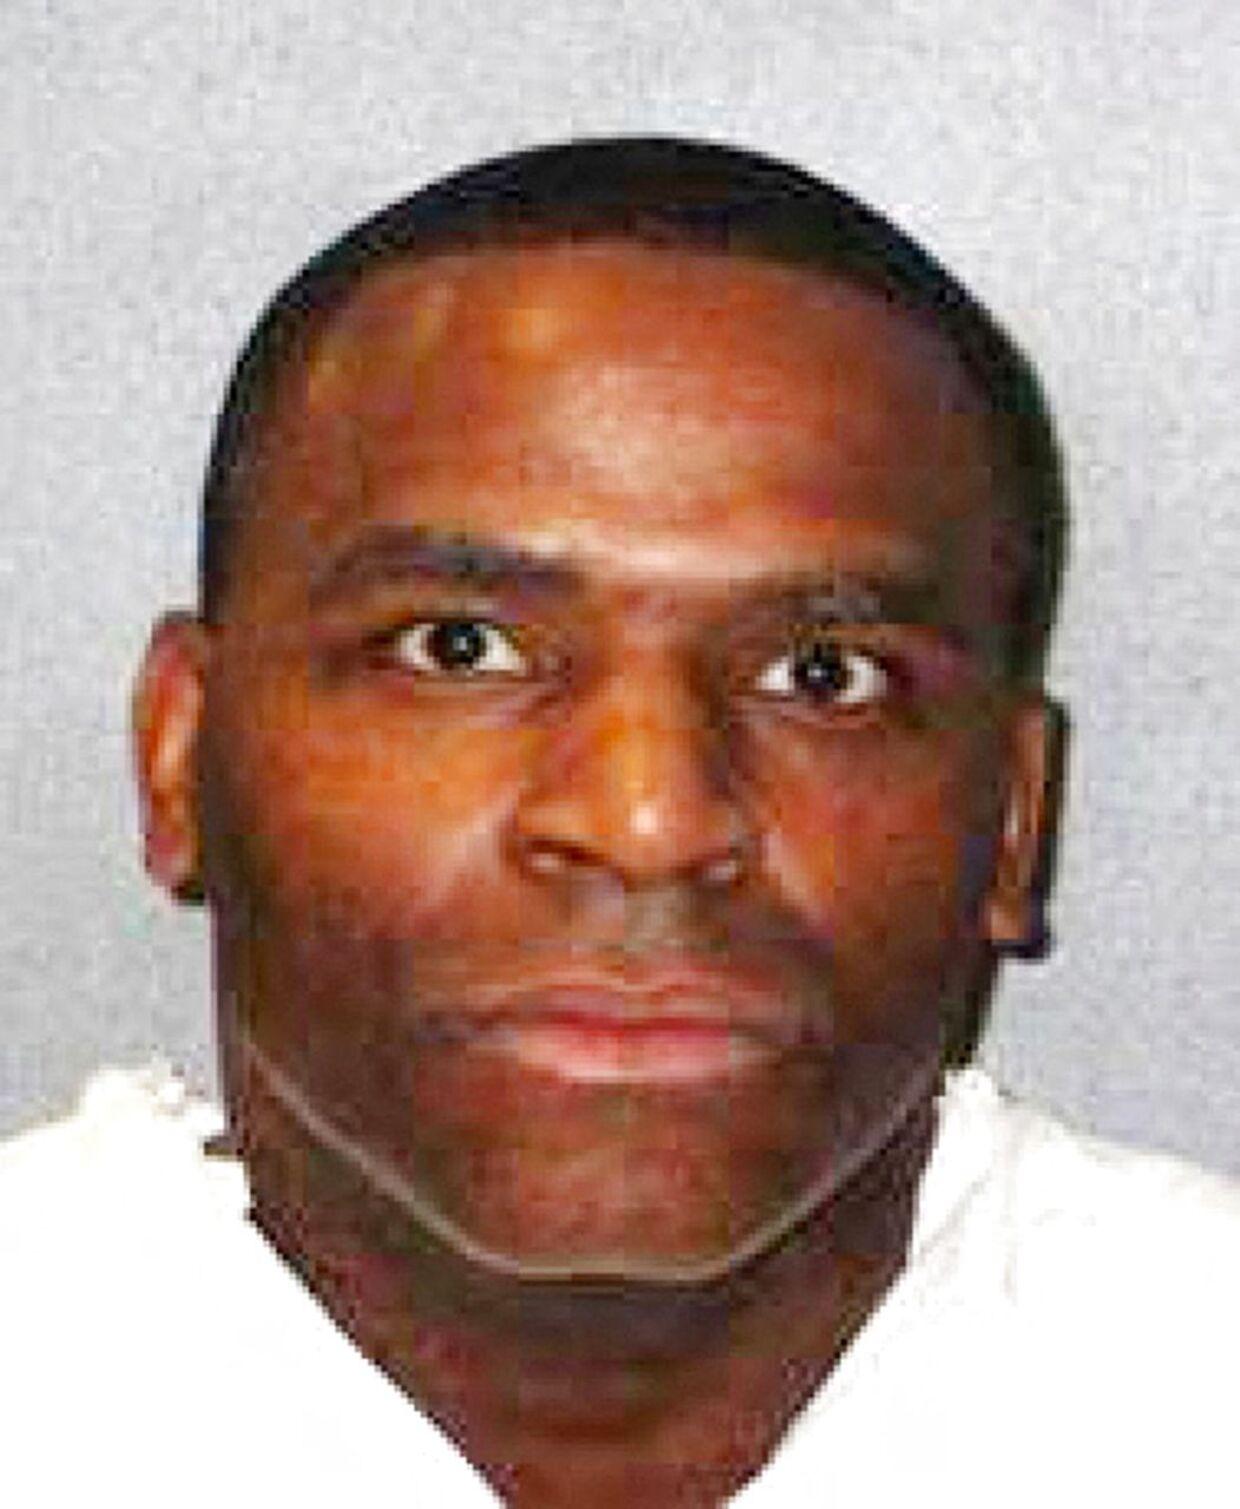 41-årige Quintin Jones blev henrettet uden, at der var vidner til stede.